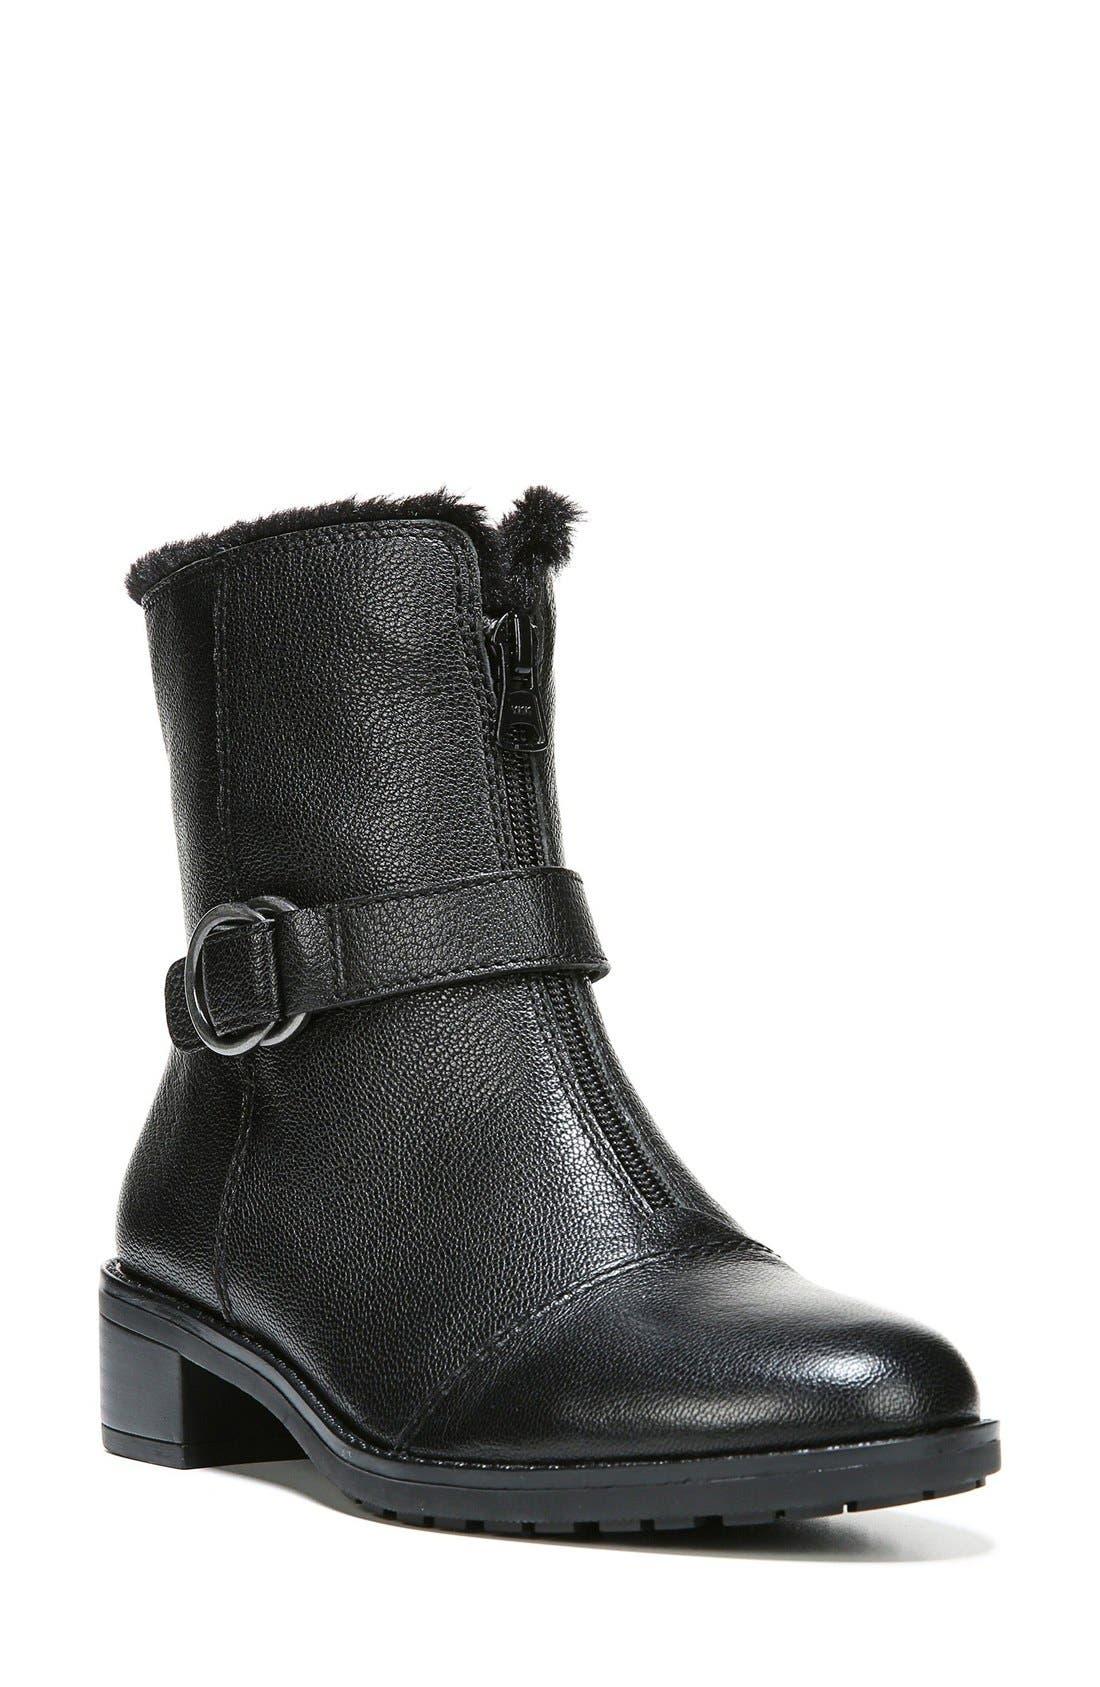 'Madera' Boot,                             Main thumbnail 1, color,                             001